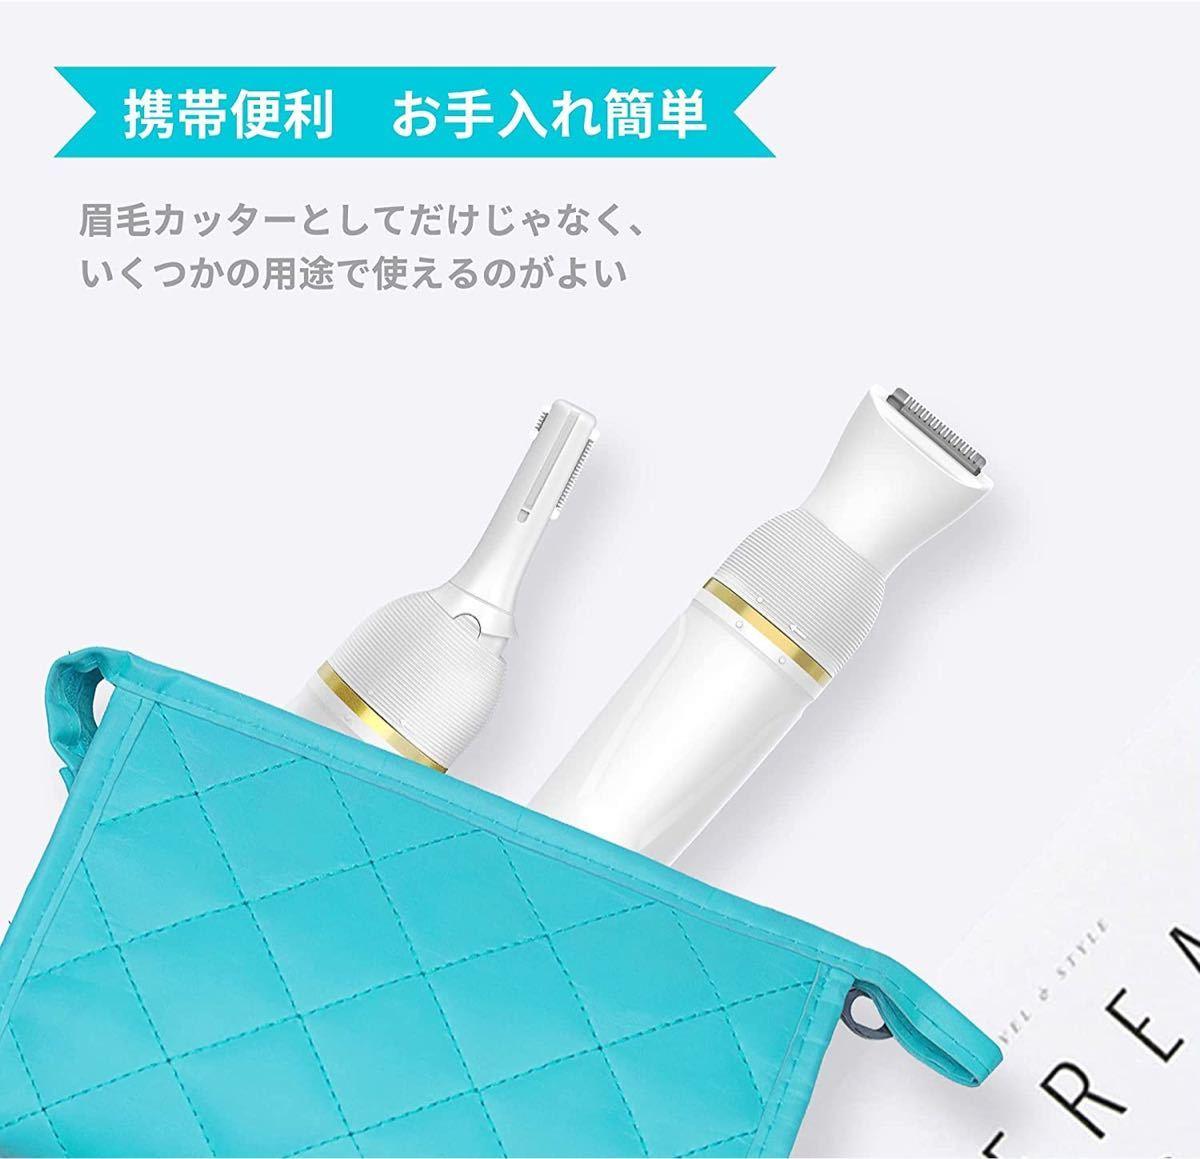 眉毛シェーバー フェイスシェーバー 男女兼用 30°角度調整 水洗い可